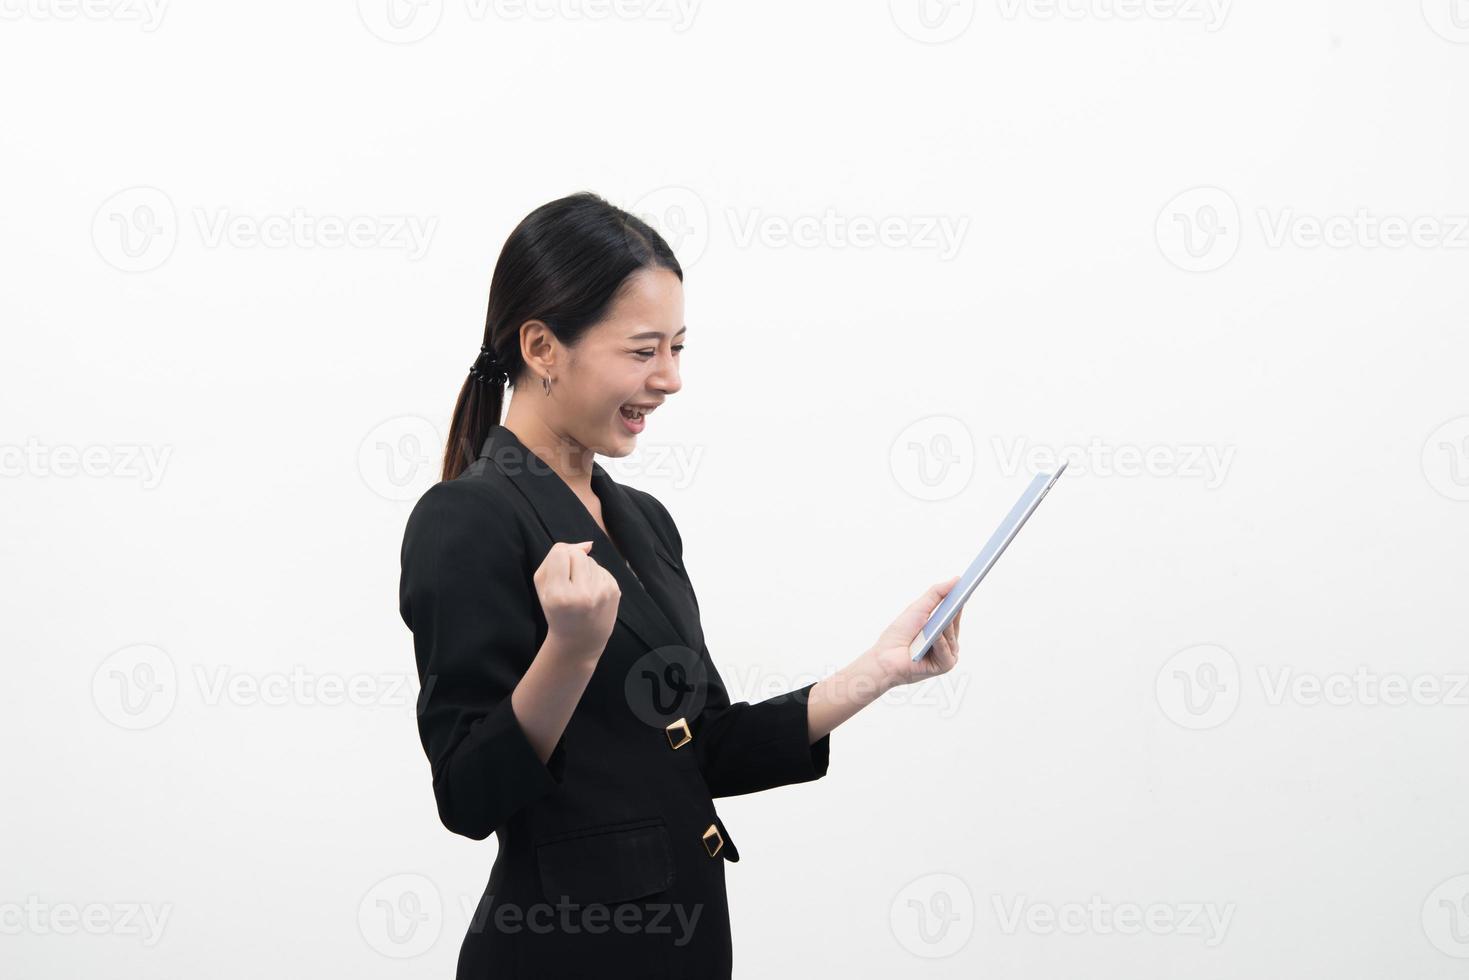 leende unga affärskvinna använder en surfplatta isolerad på vit bakgrund. foto